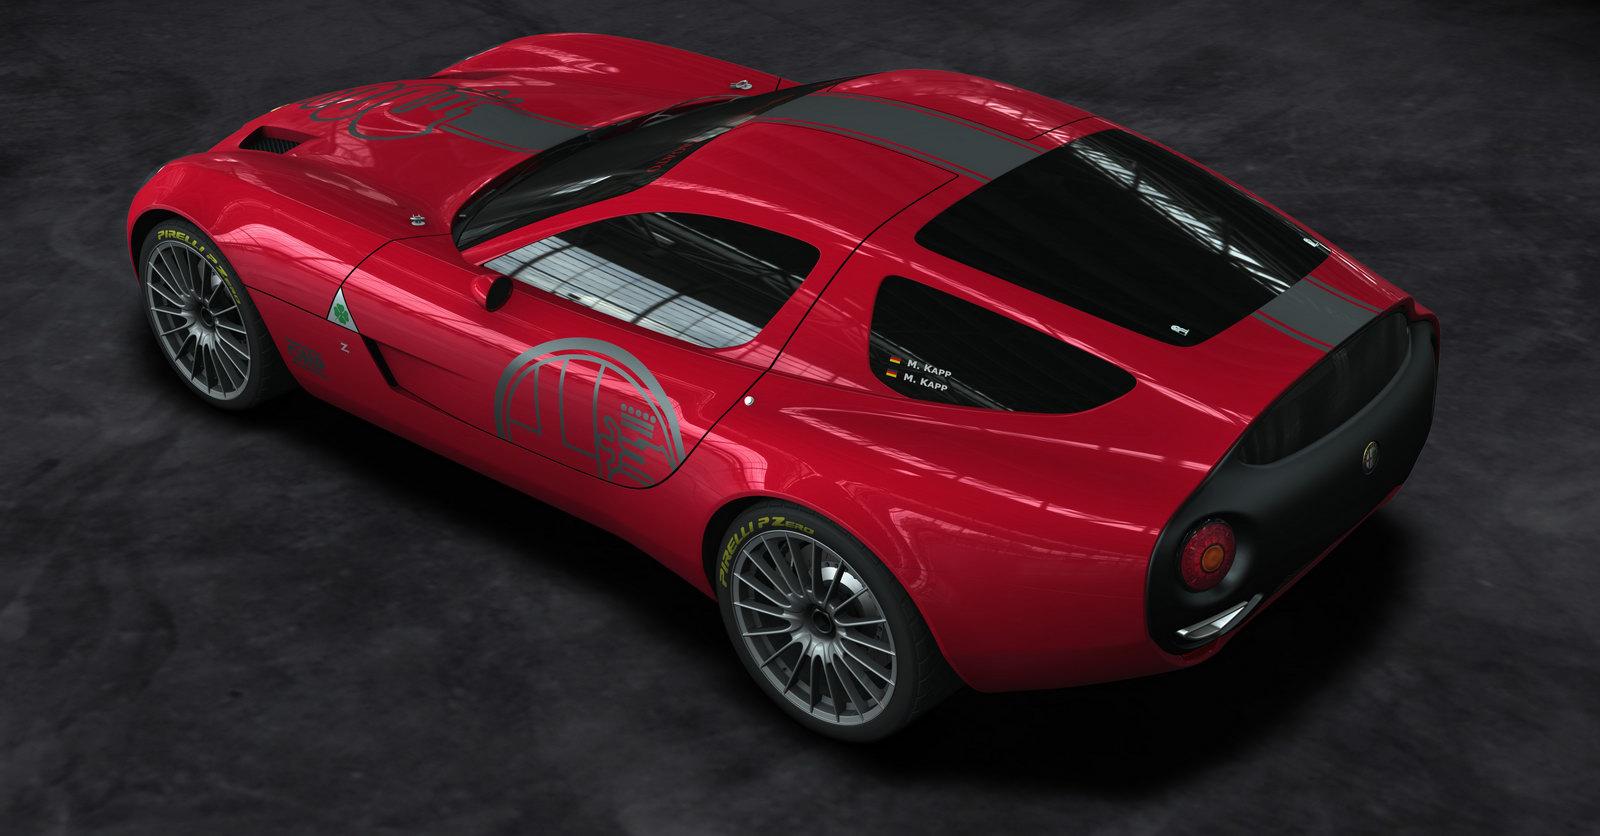 Alfa romeo montreal engine specs 16